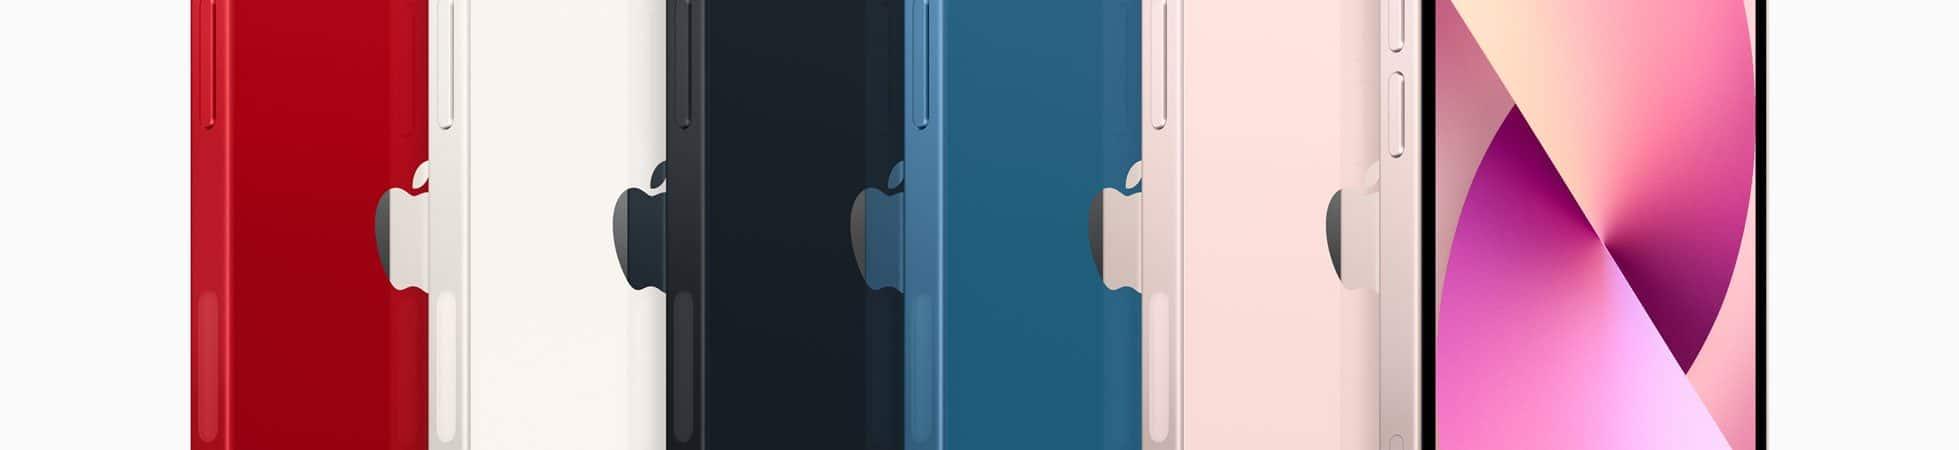 iPhone 13 (Imagem: divulgação/Apple)